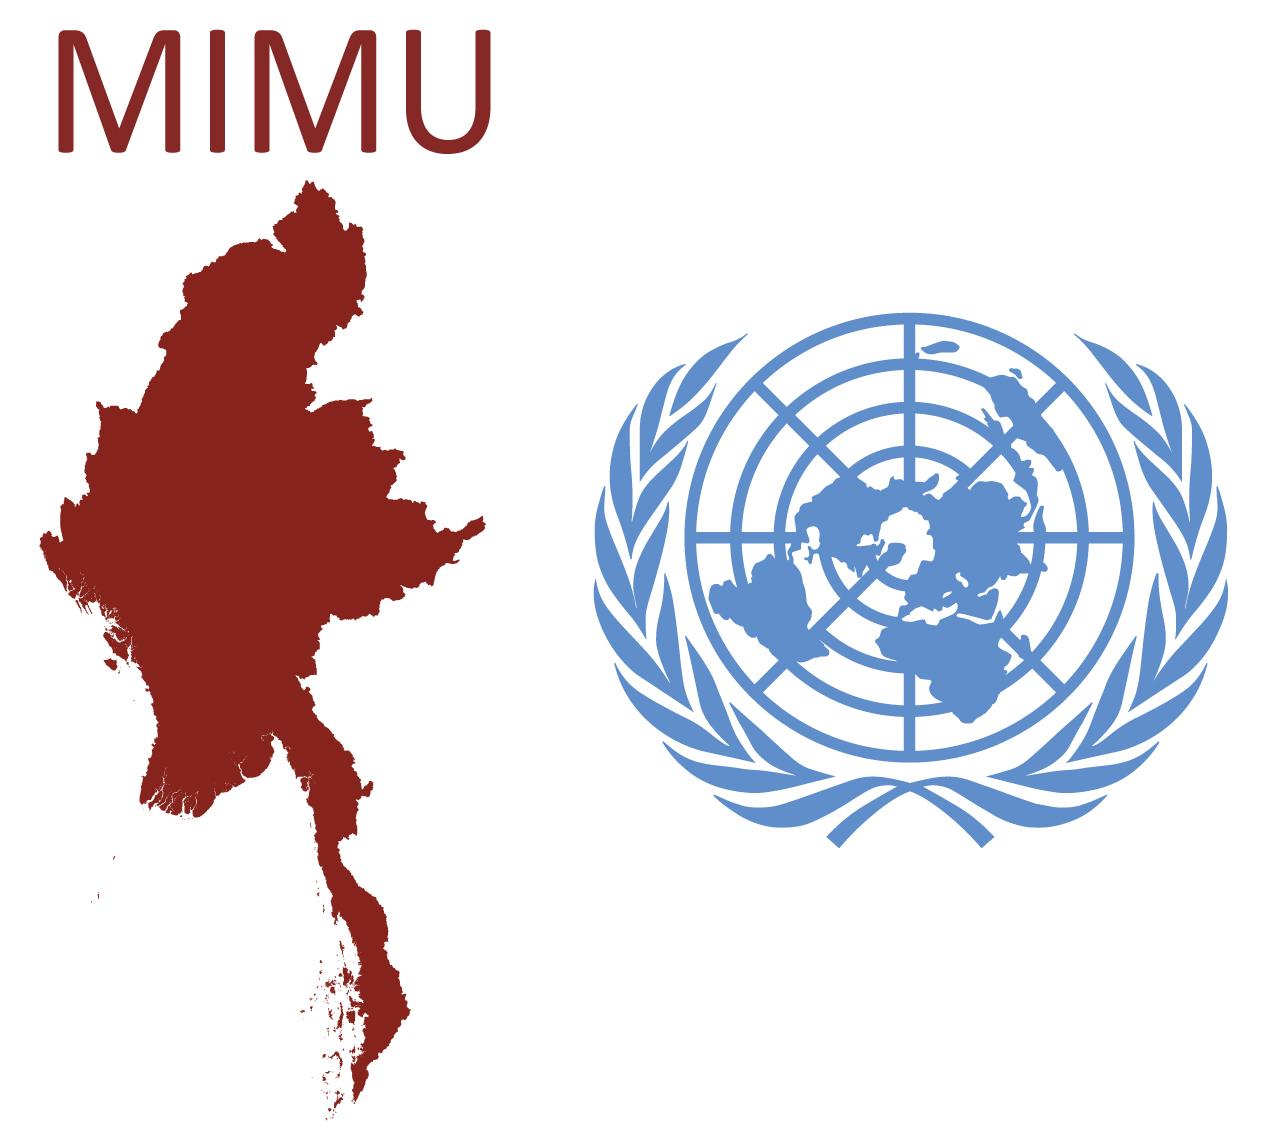 myanmar-information-management-unit-mimu